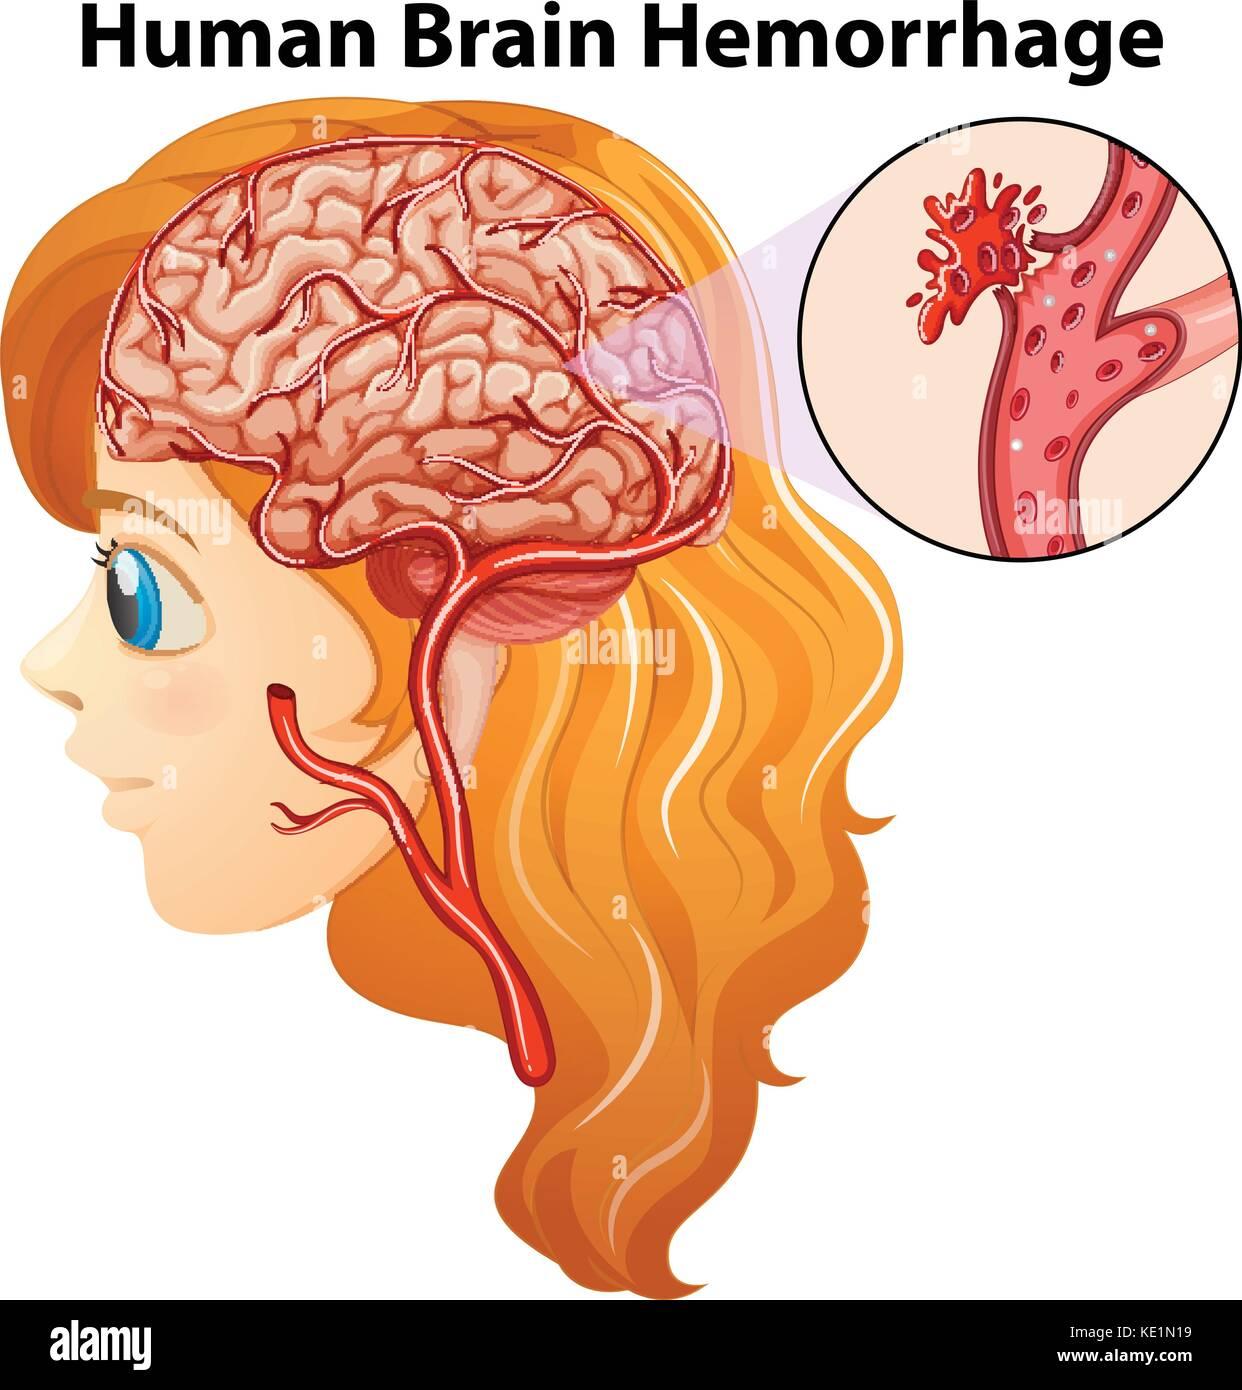 Diagrama que muestra hemorragia cerebral humano ilustración ...